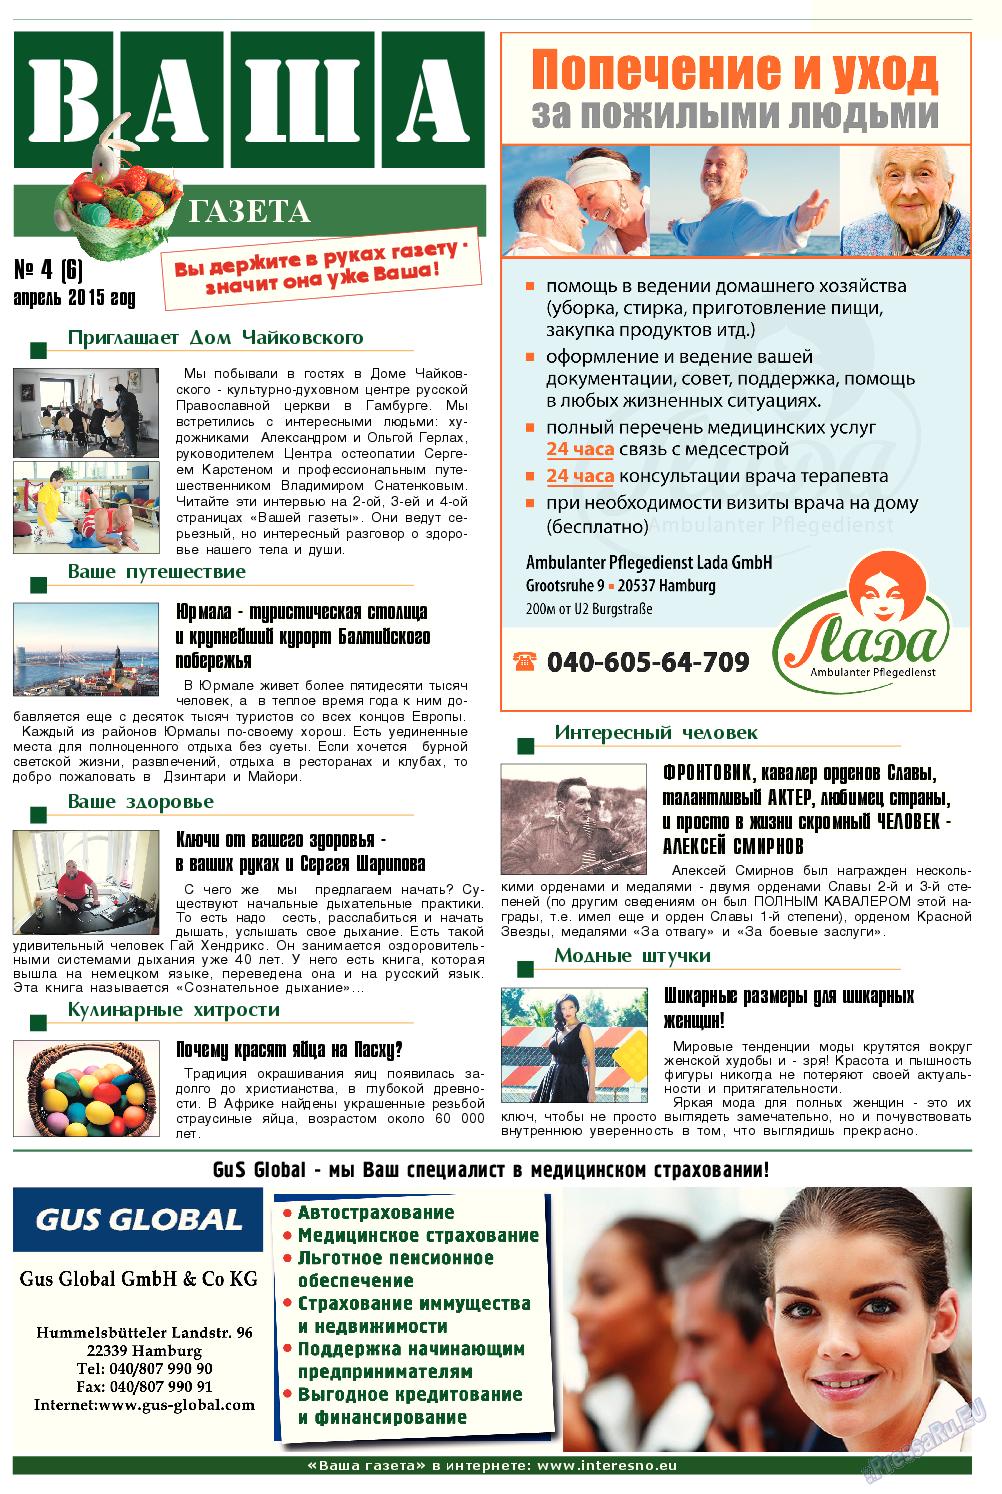 Ваша газета (газета). 2015 год, номер 4, стр. 1